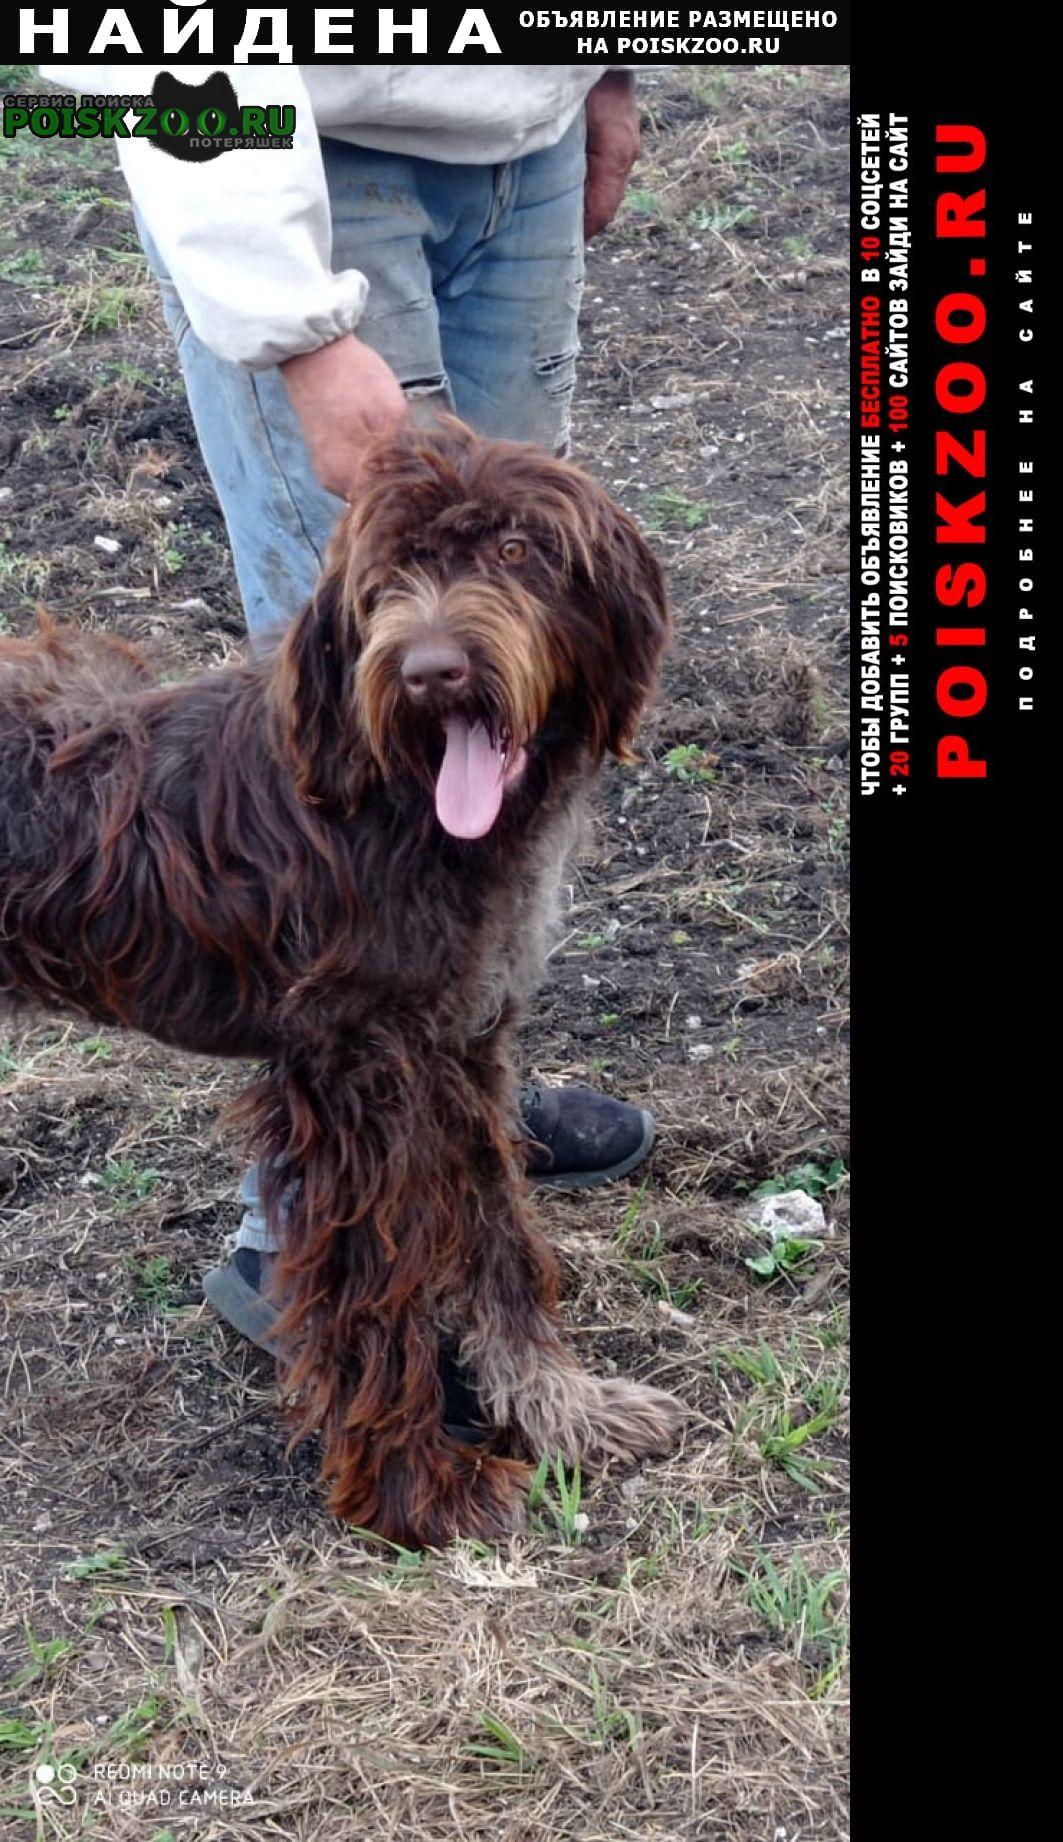 Найдена собака около месяца назад Пятигорск